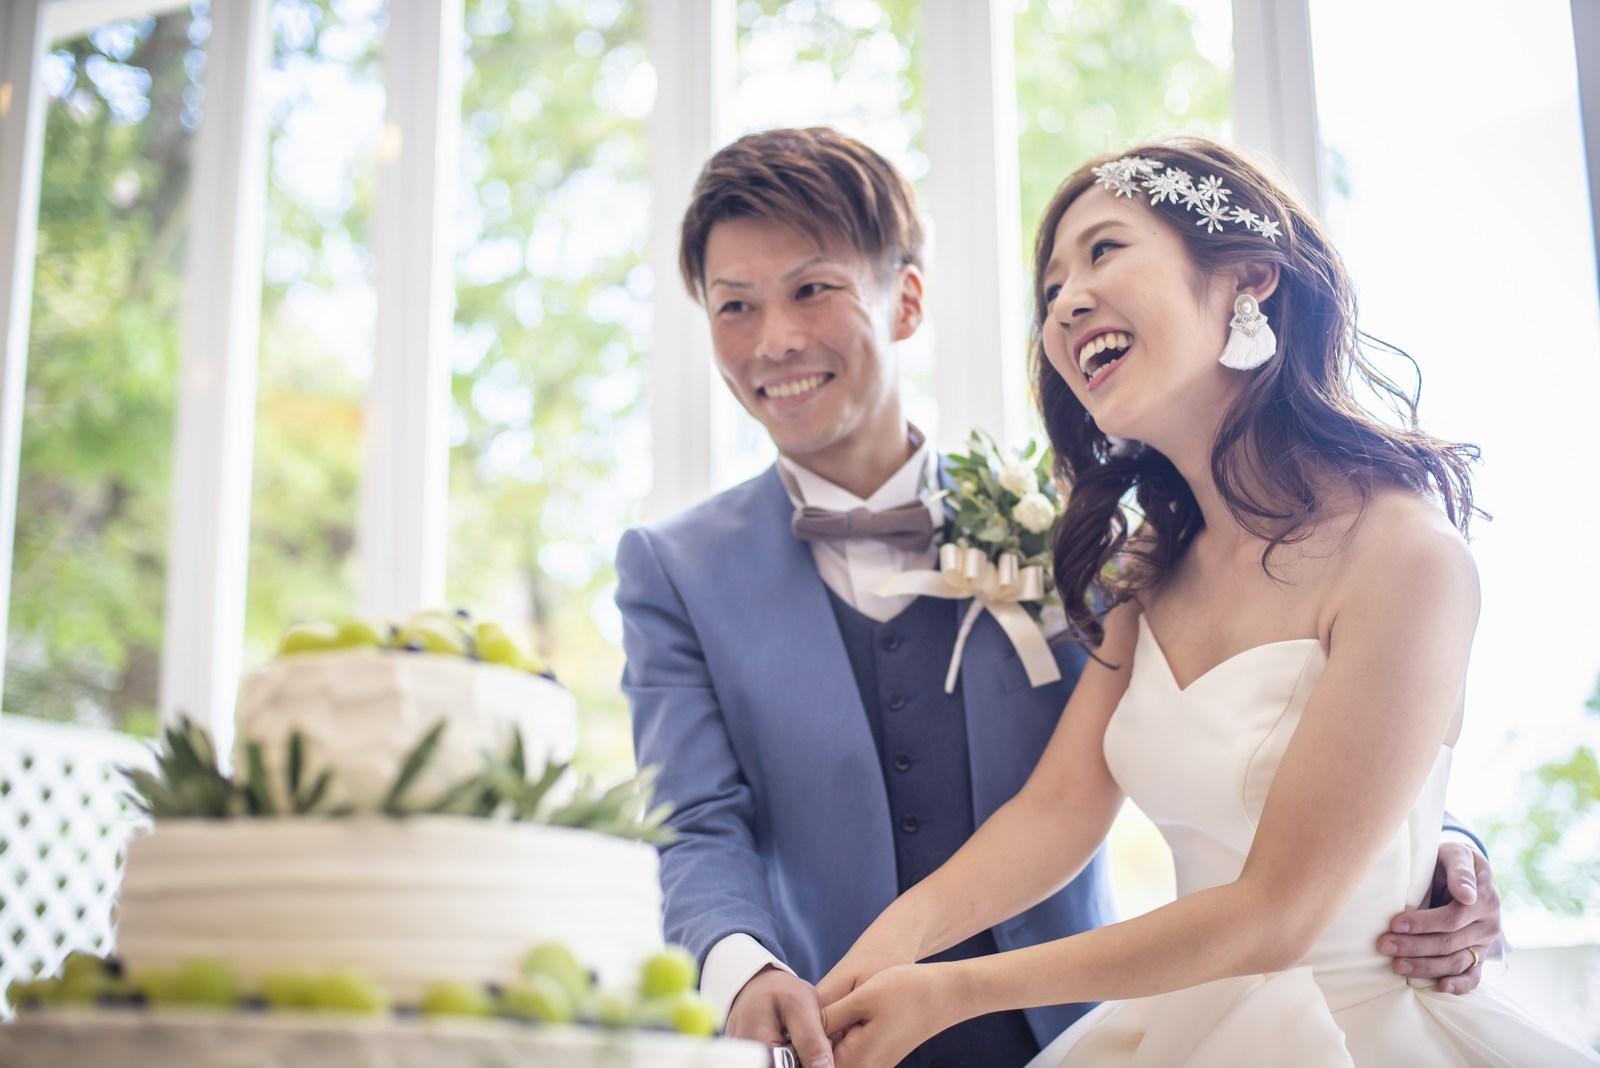 香川県の結婚式場シェルエメール&アイスタイルのウエディングケーキ入刀